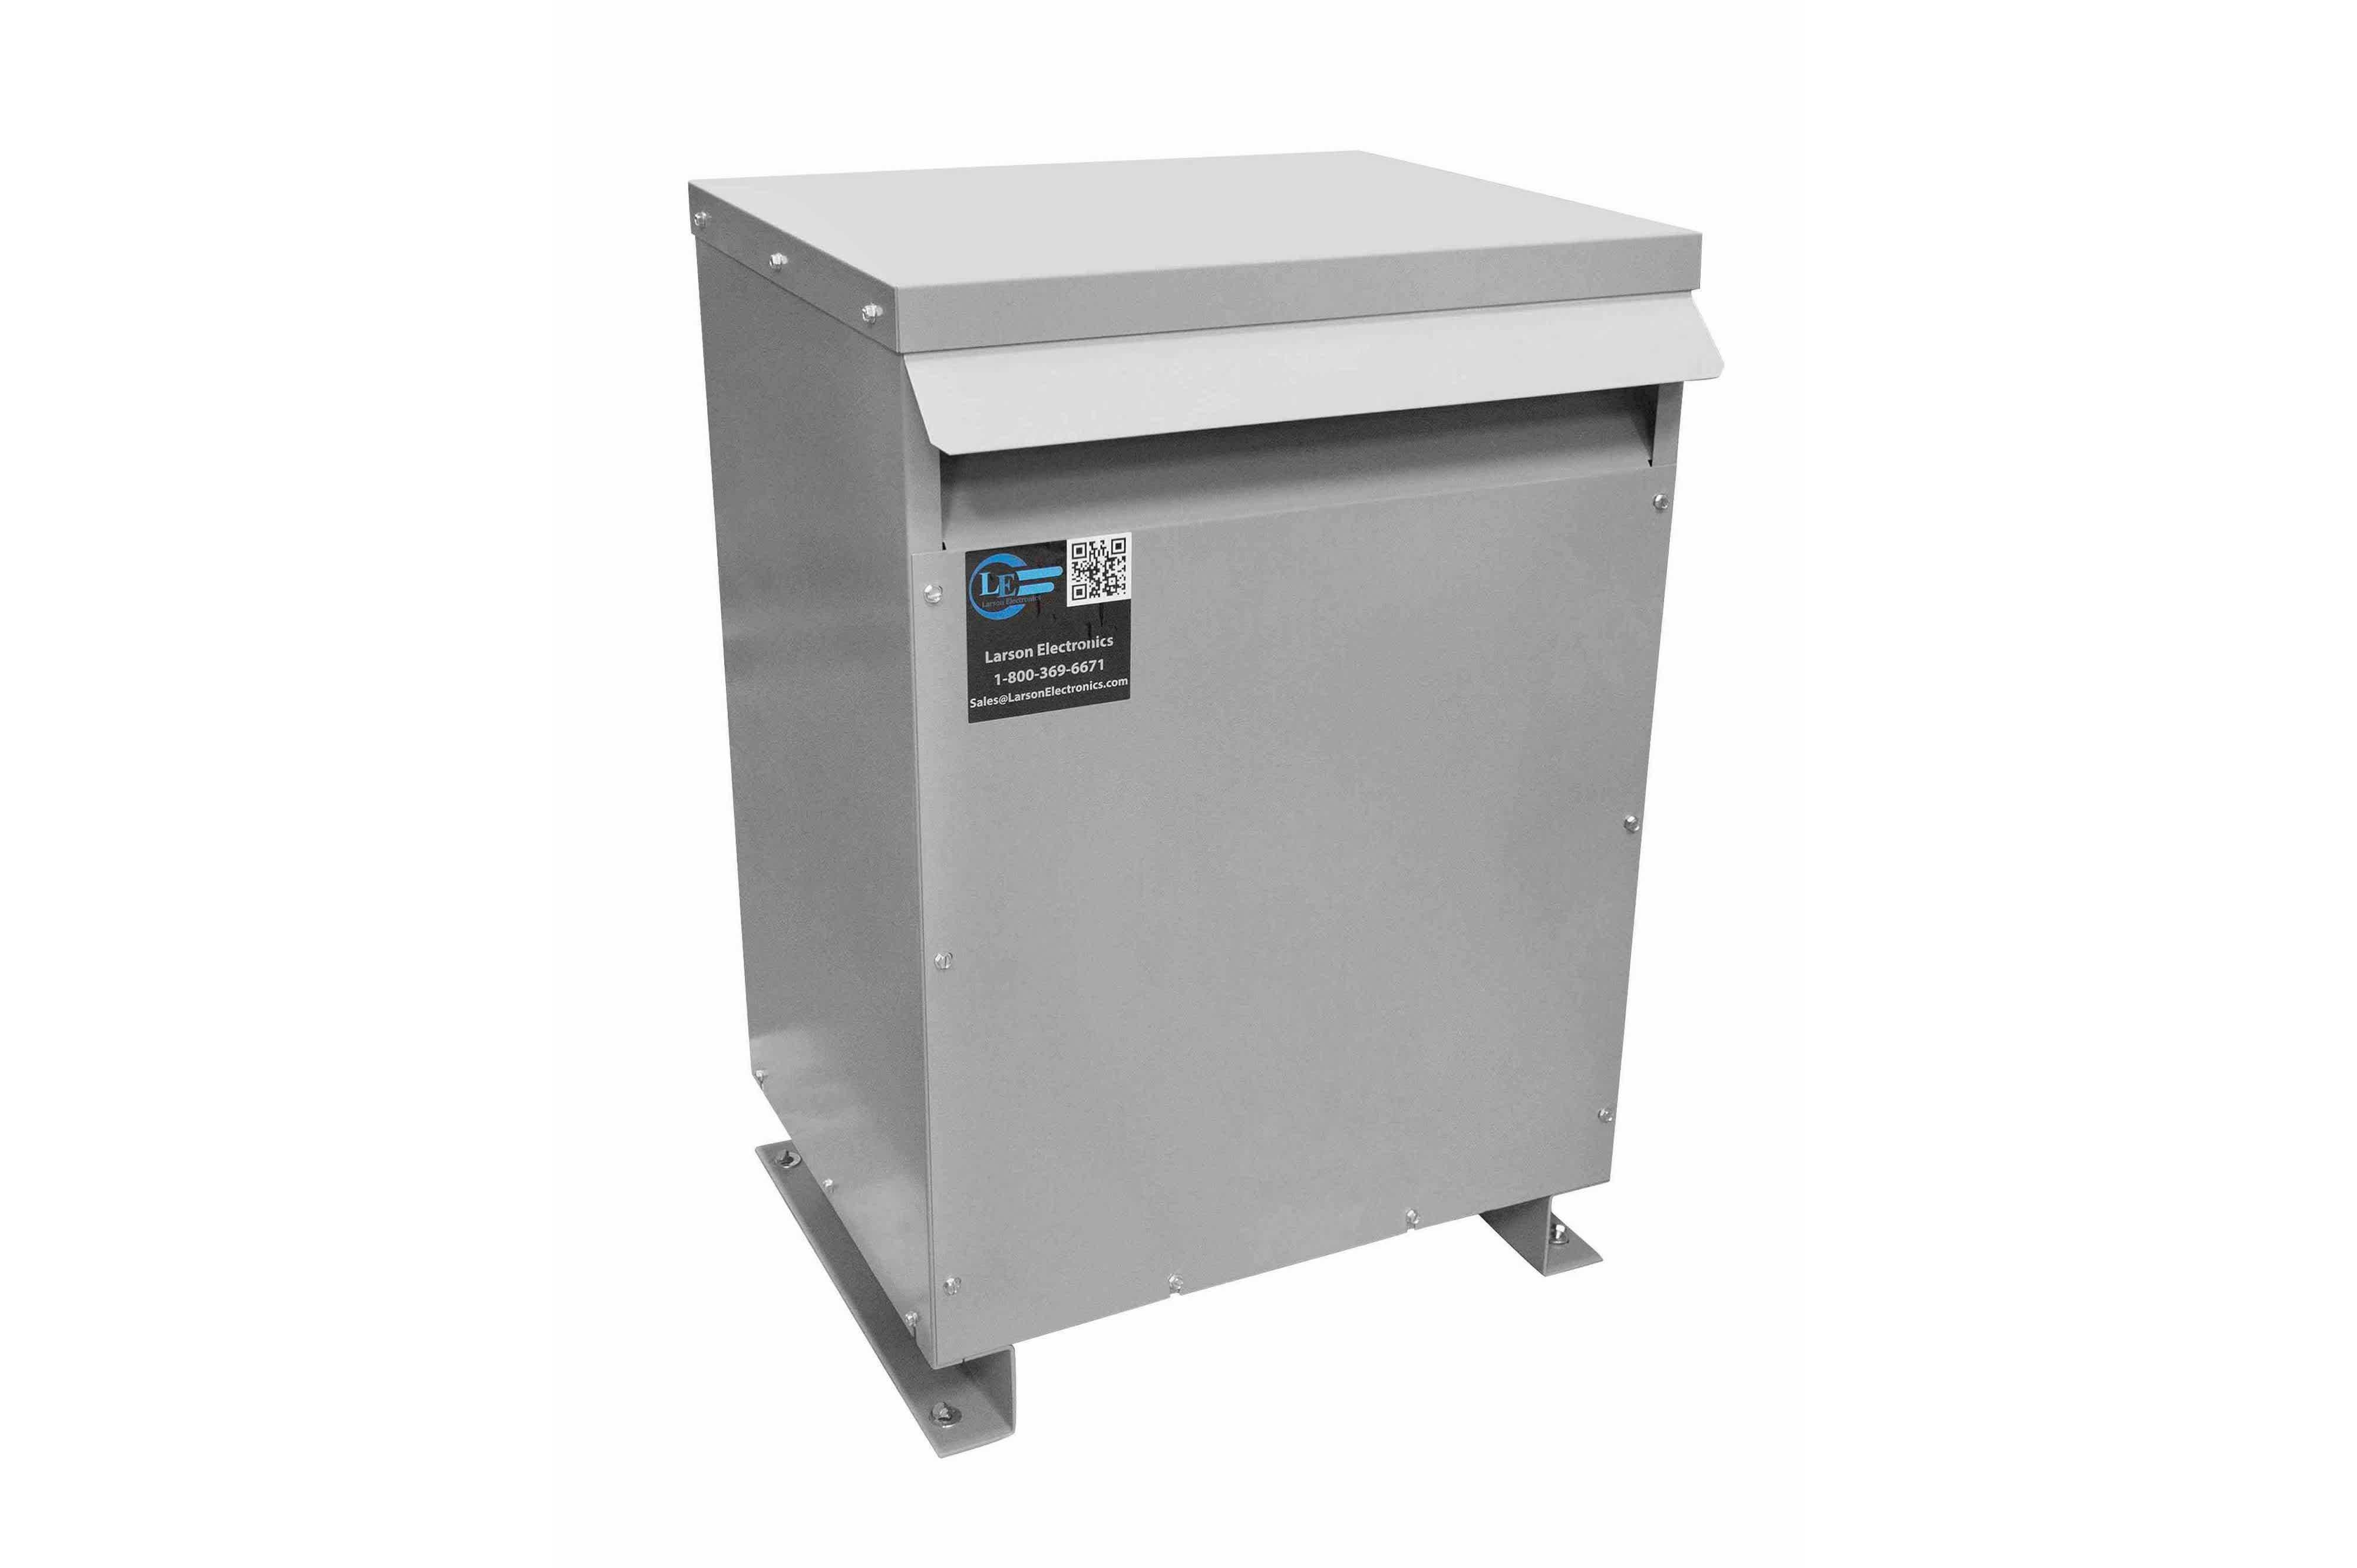 32.5 kVA 3PH Isolation Transformer, 600V Delta Primary, 480V Delta Secondary, N3R, Ventilated, 60 Hz